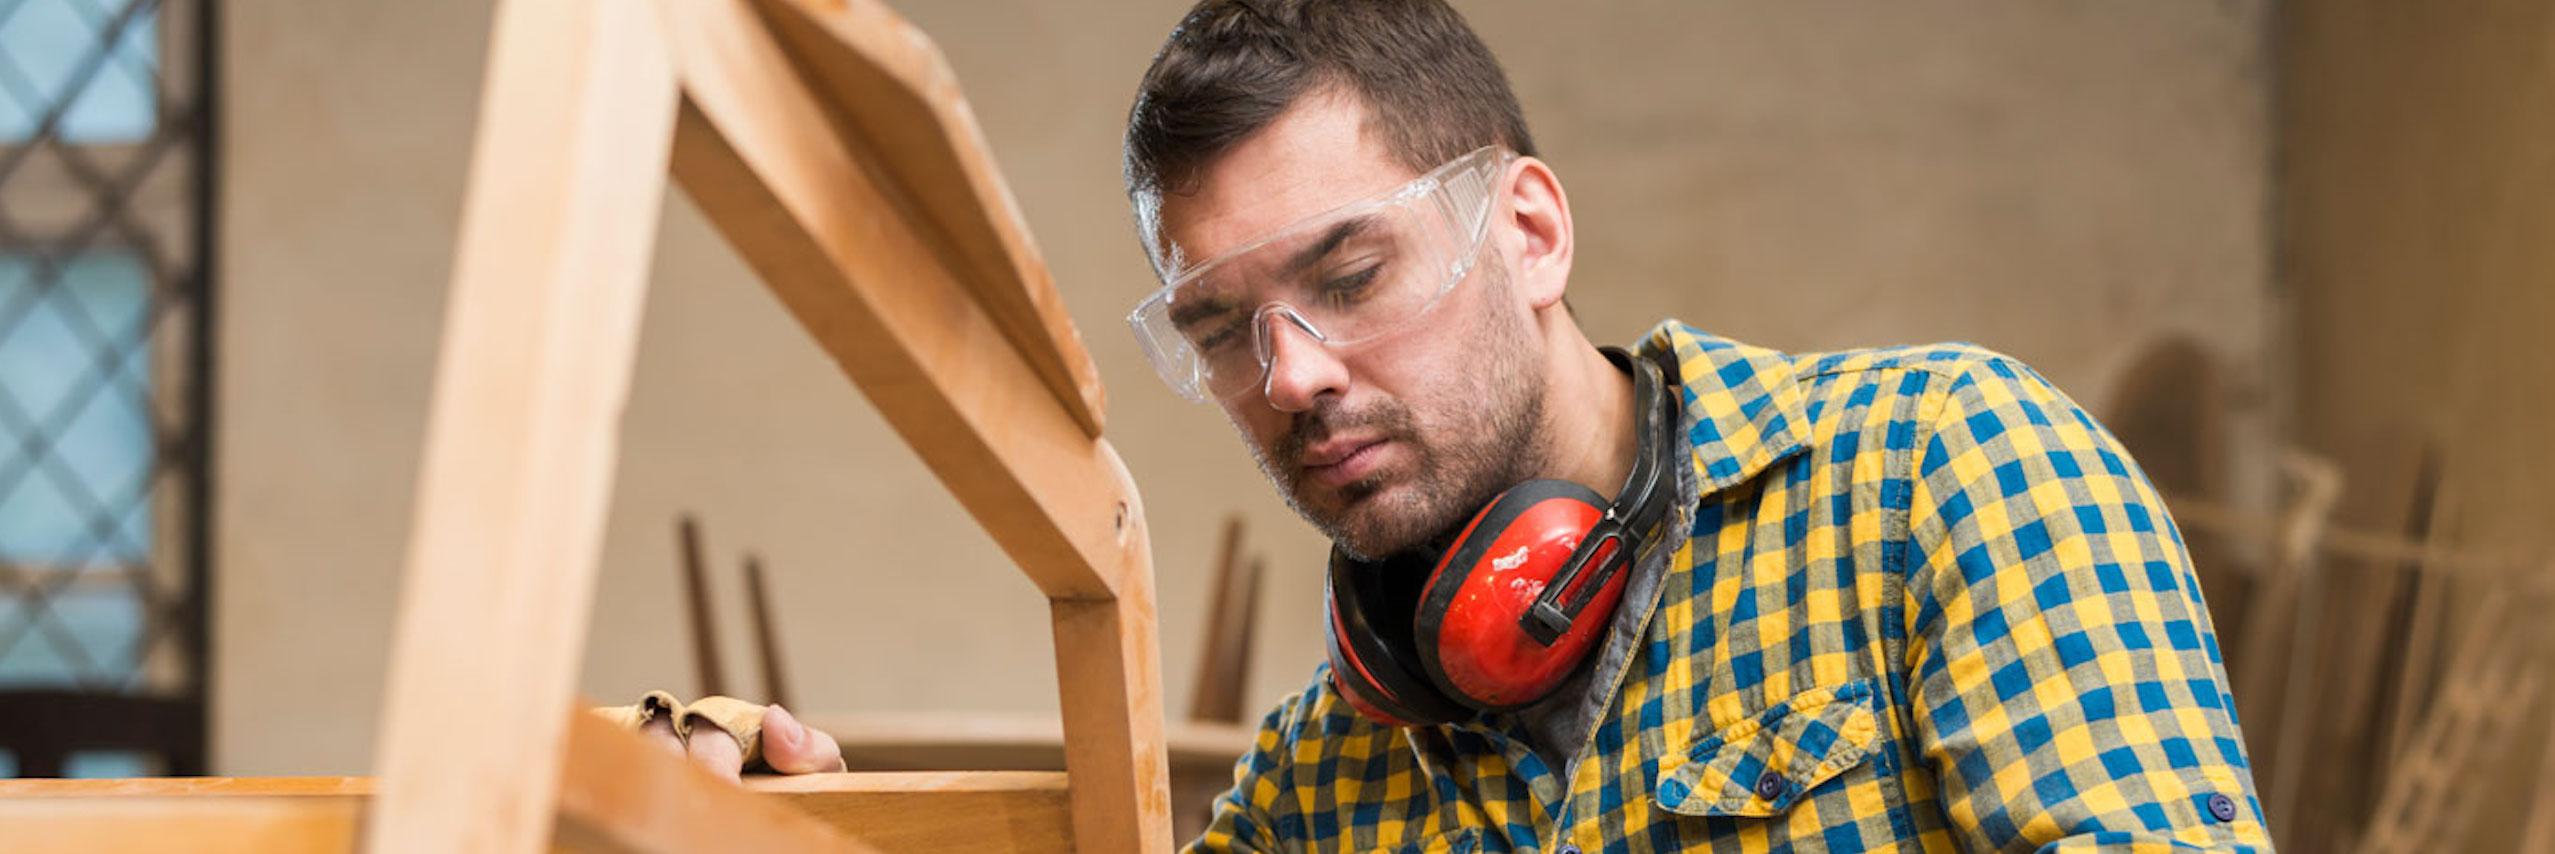 Local Carpenter Needed?